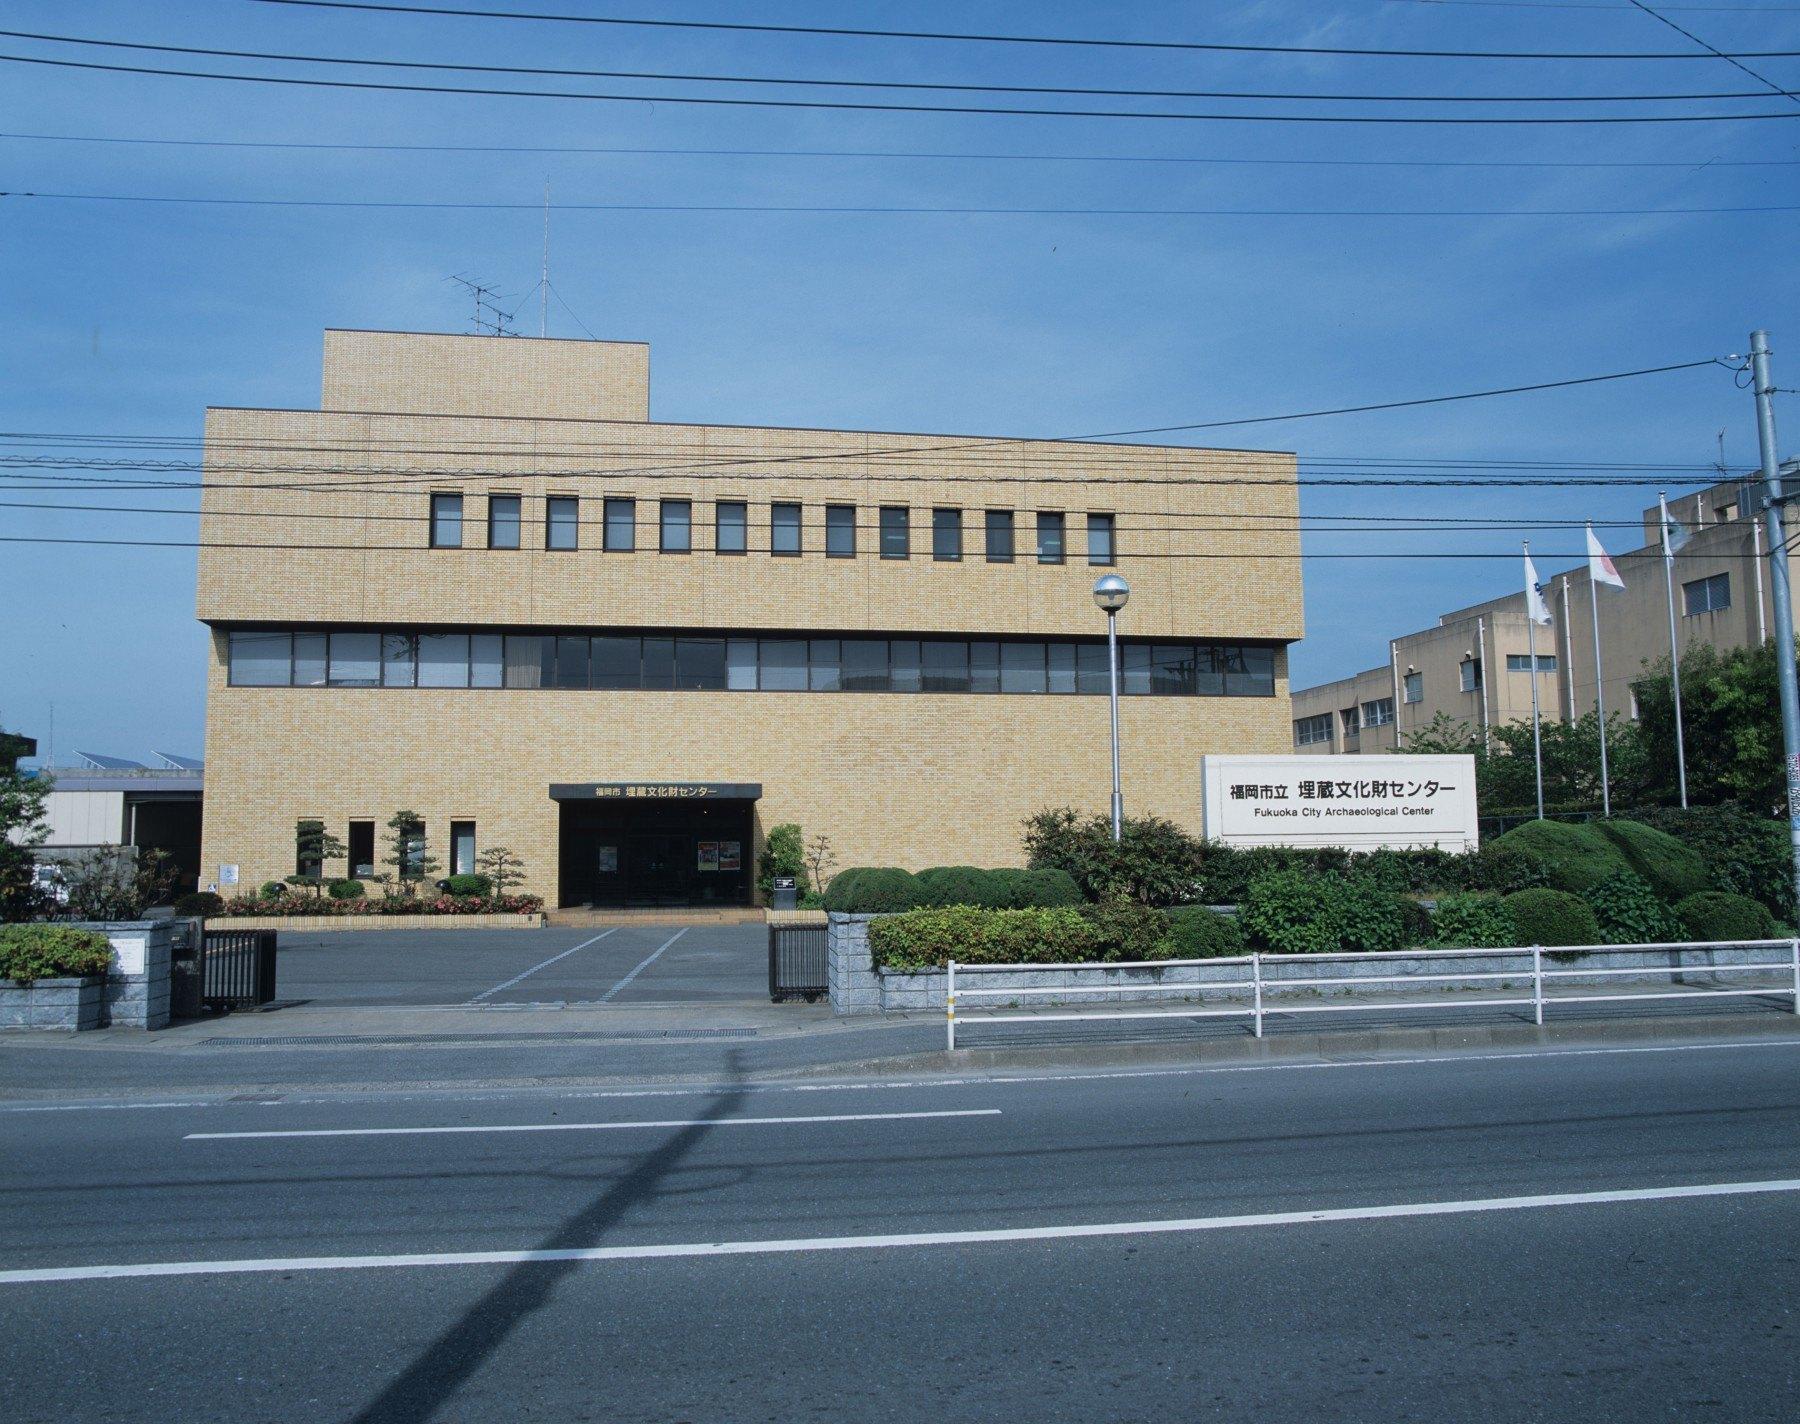 埋蔵文化財センター(撮影年不明)の画像